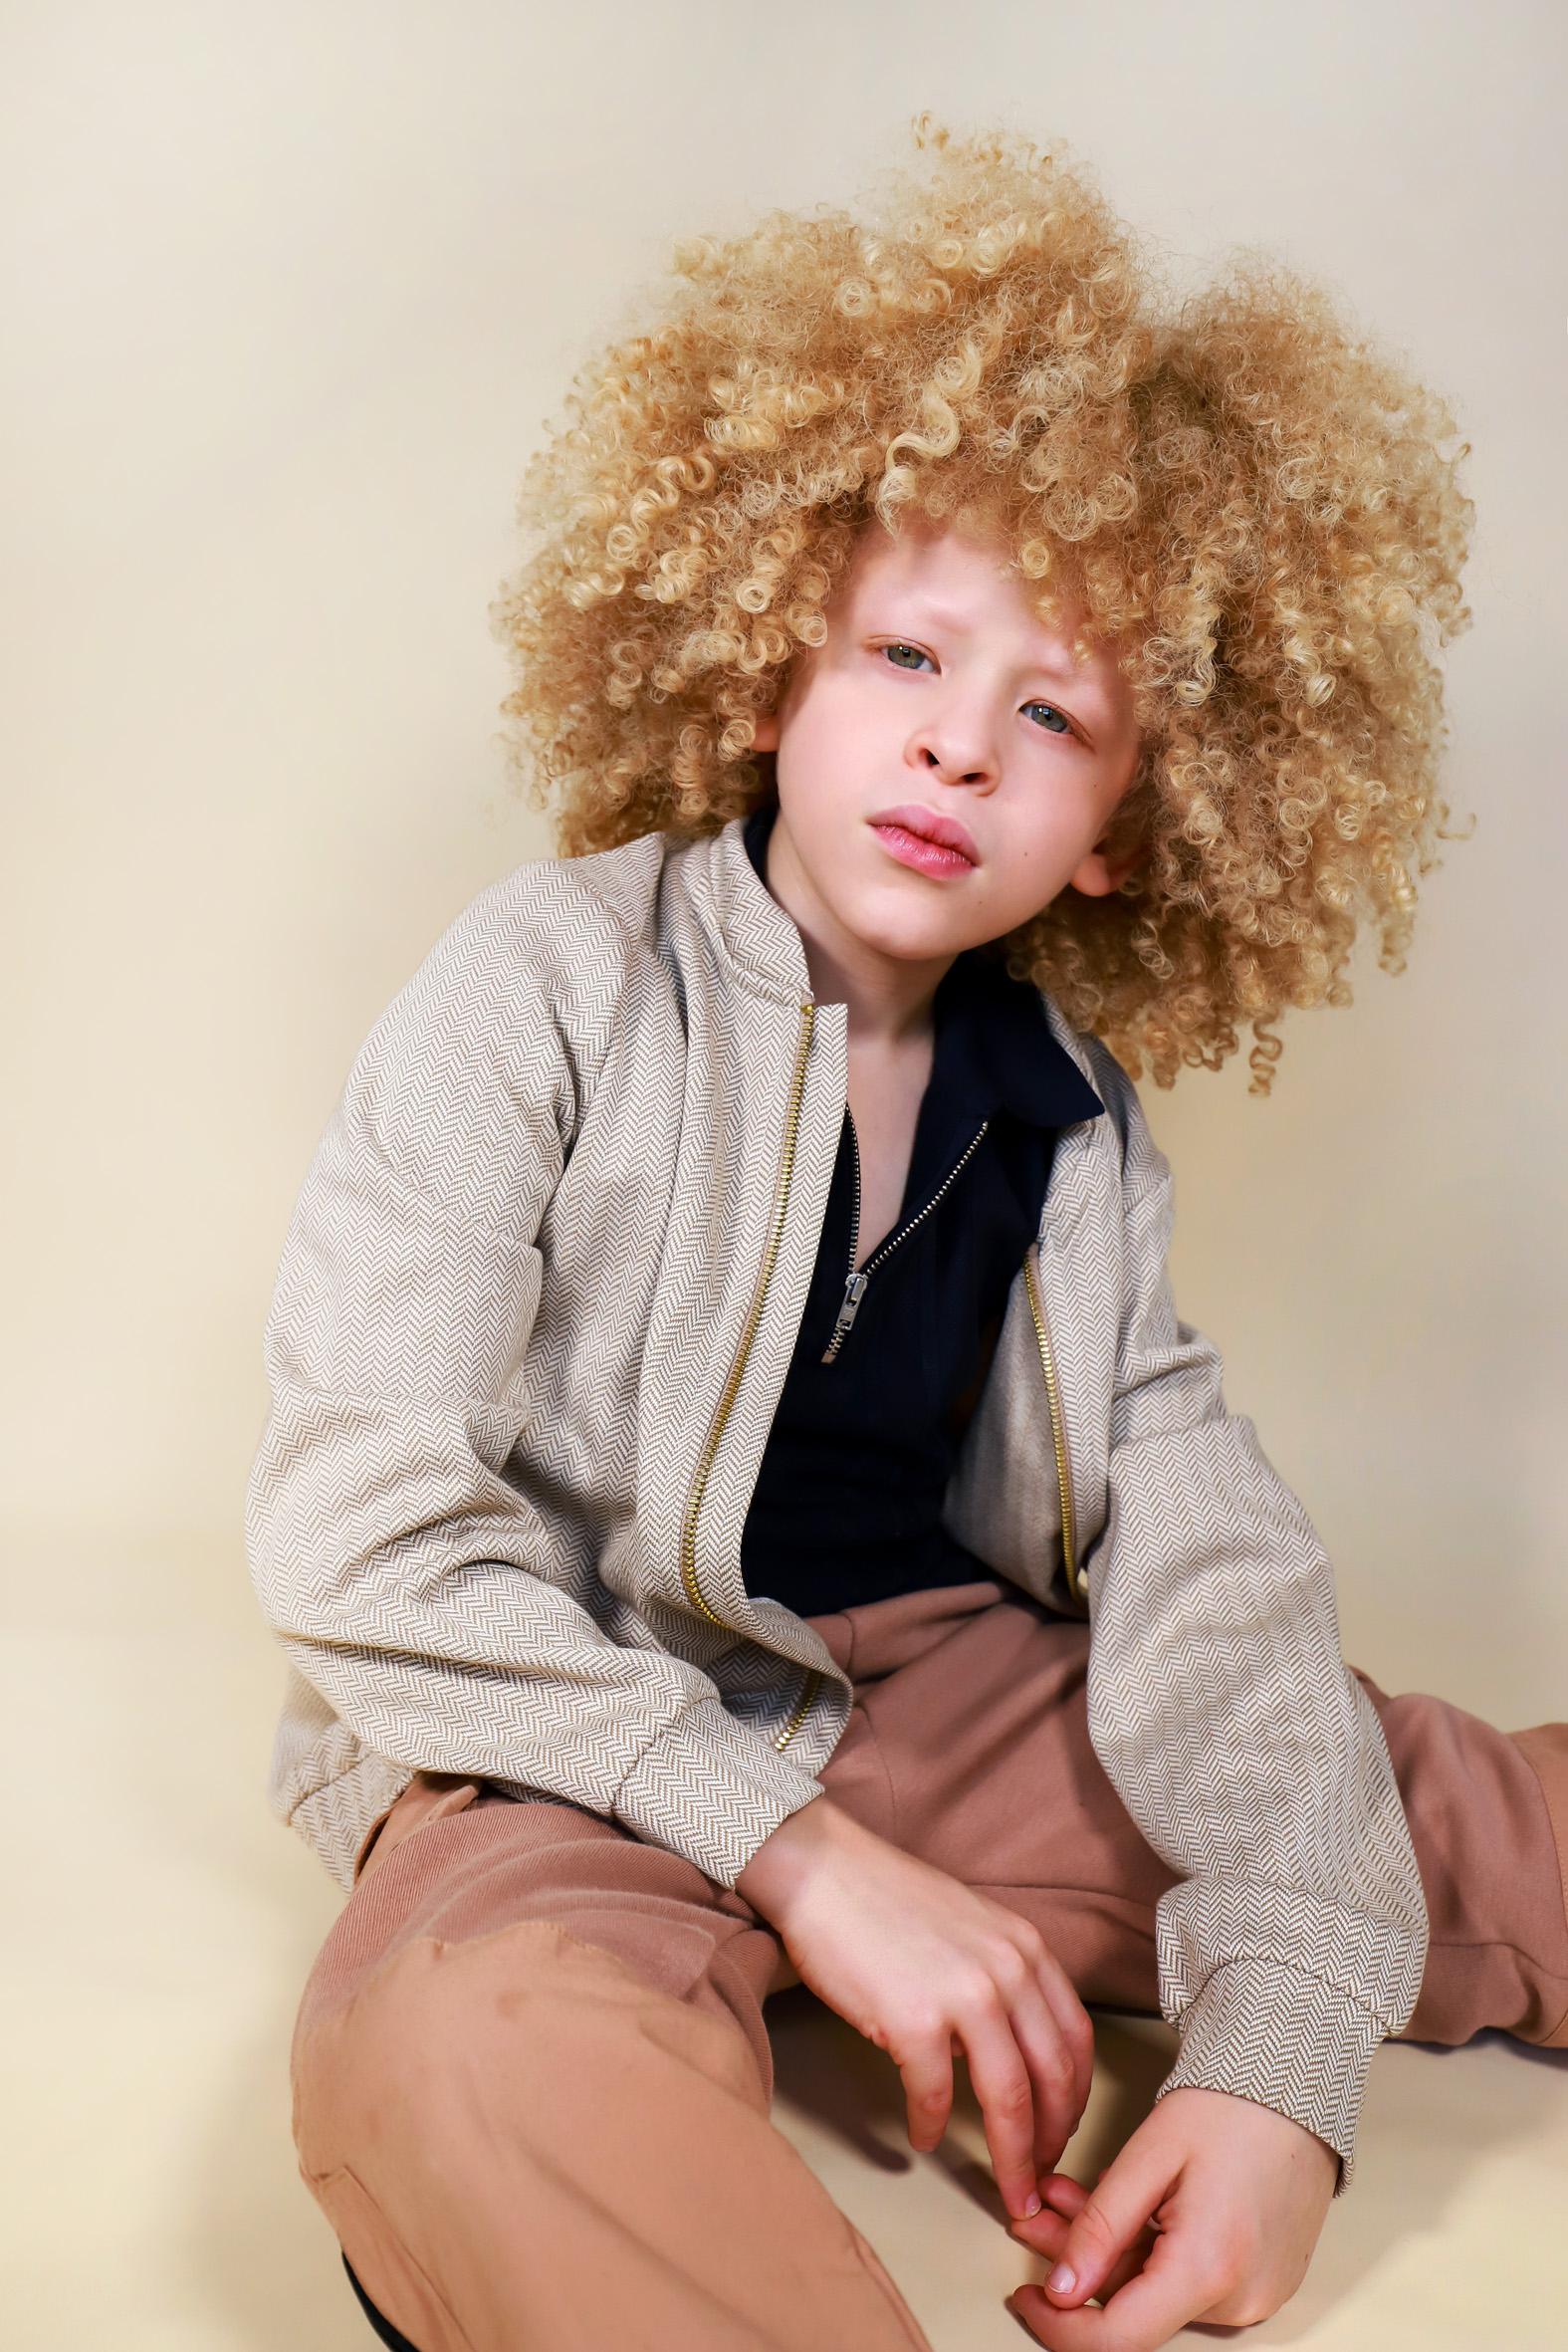 Elijah, Albinism, Zebedee Management, di